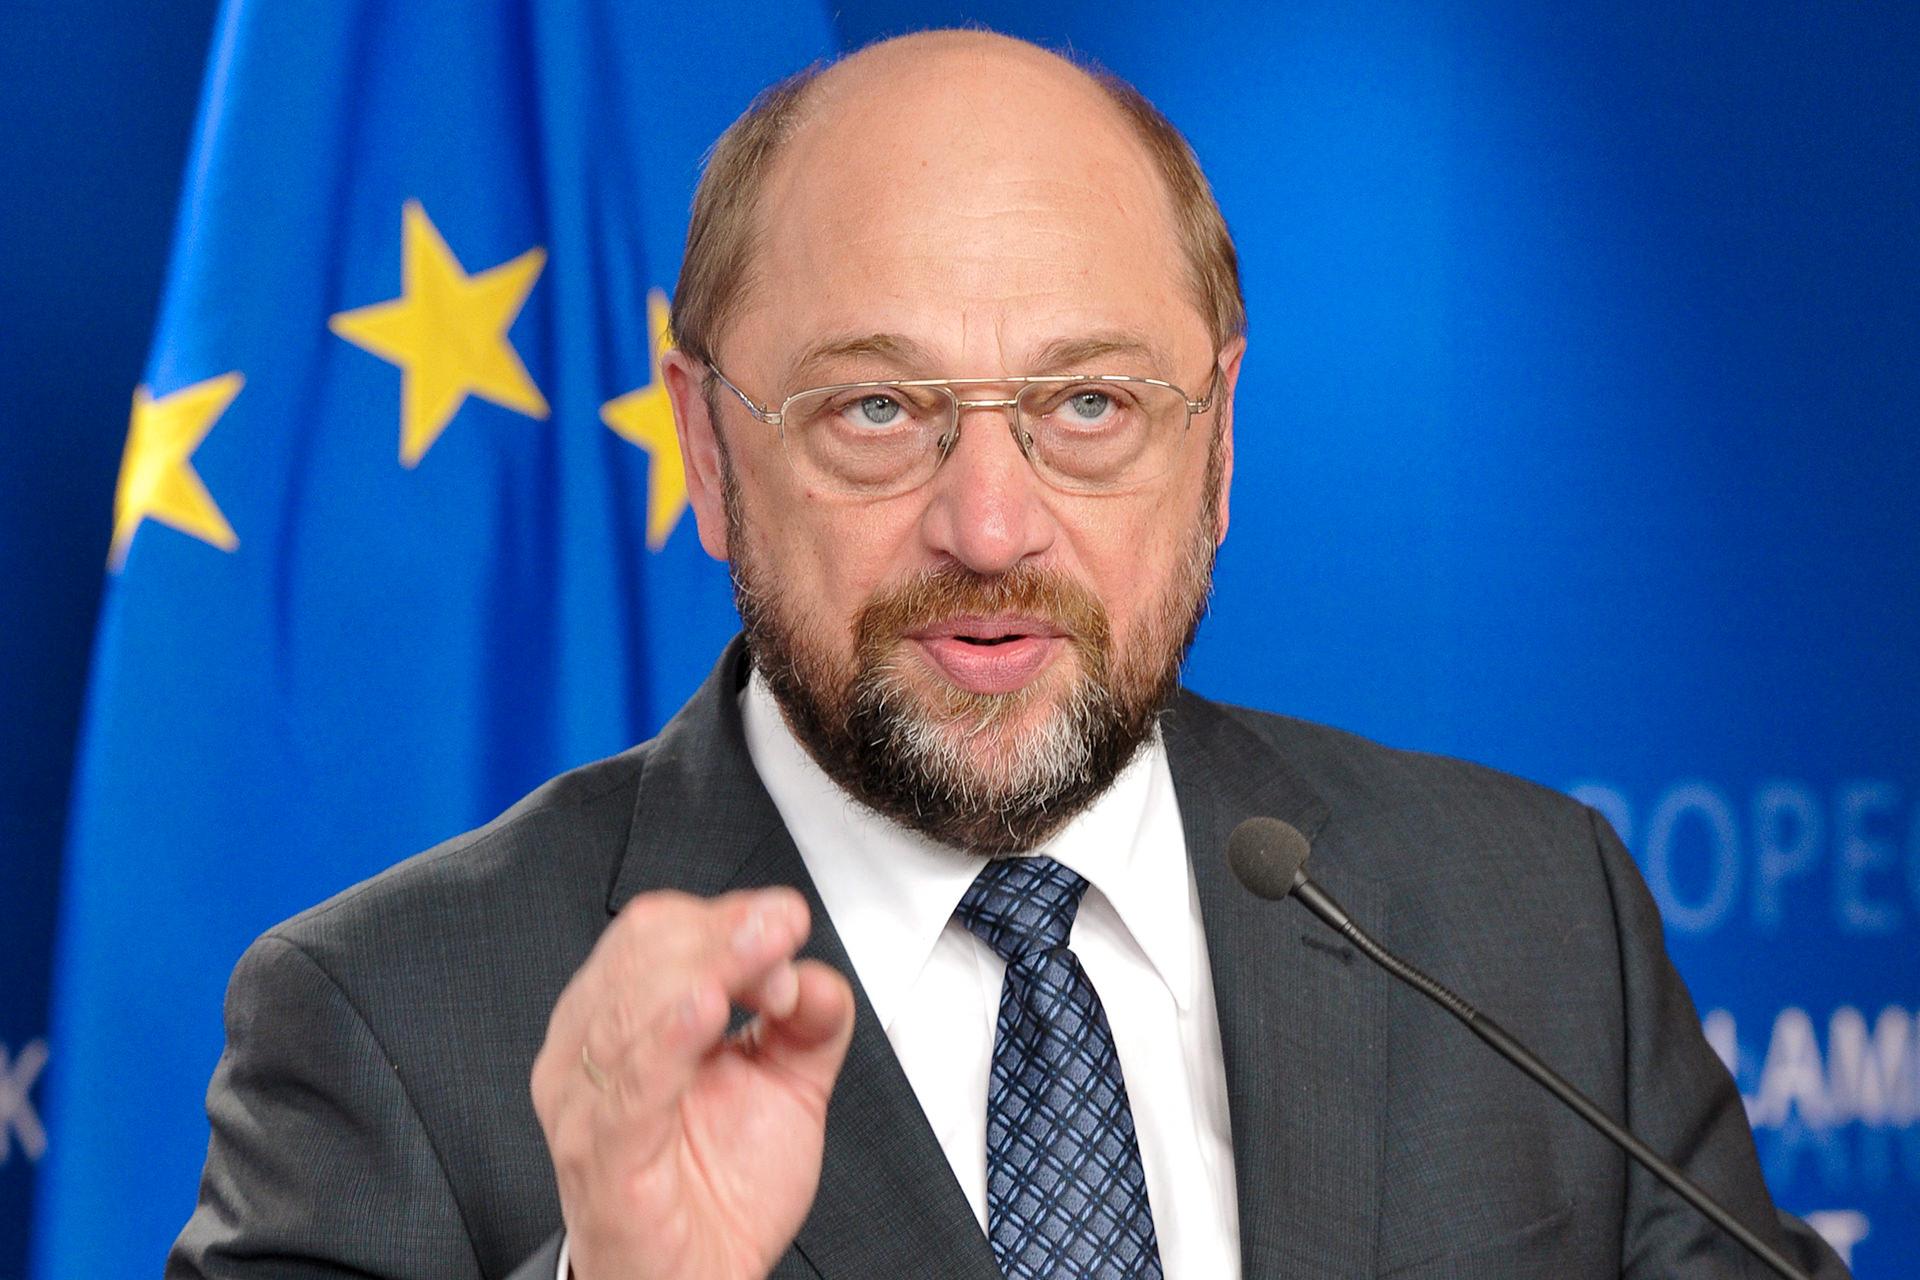 Martin Schulz Jüdisch